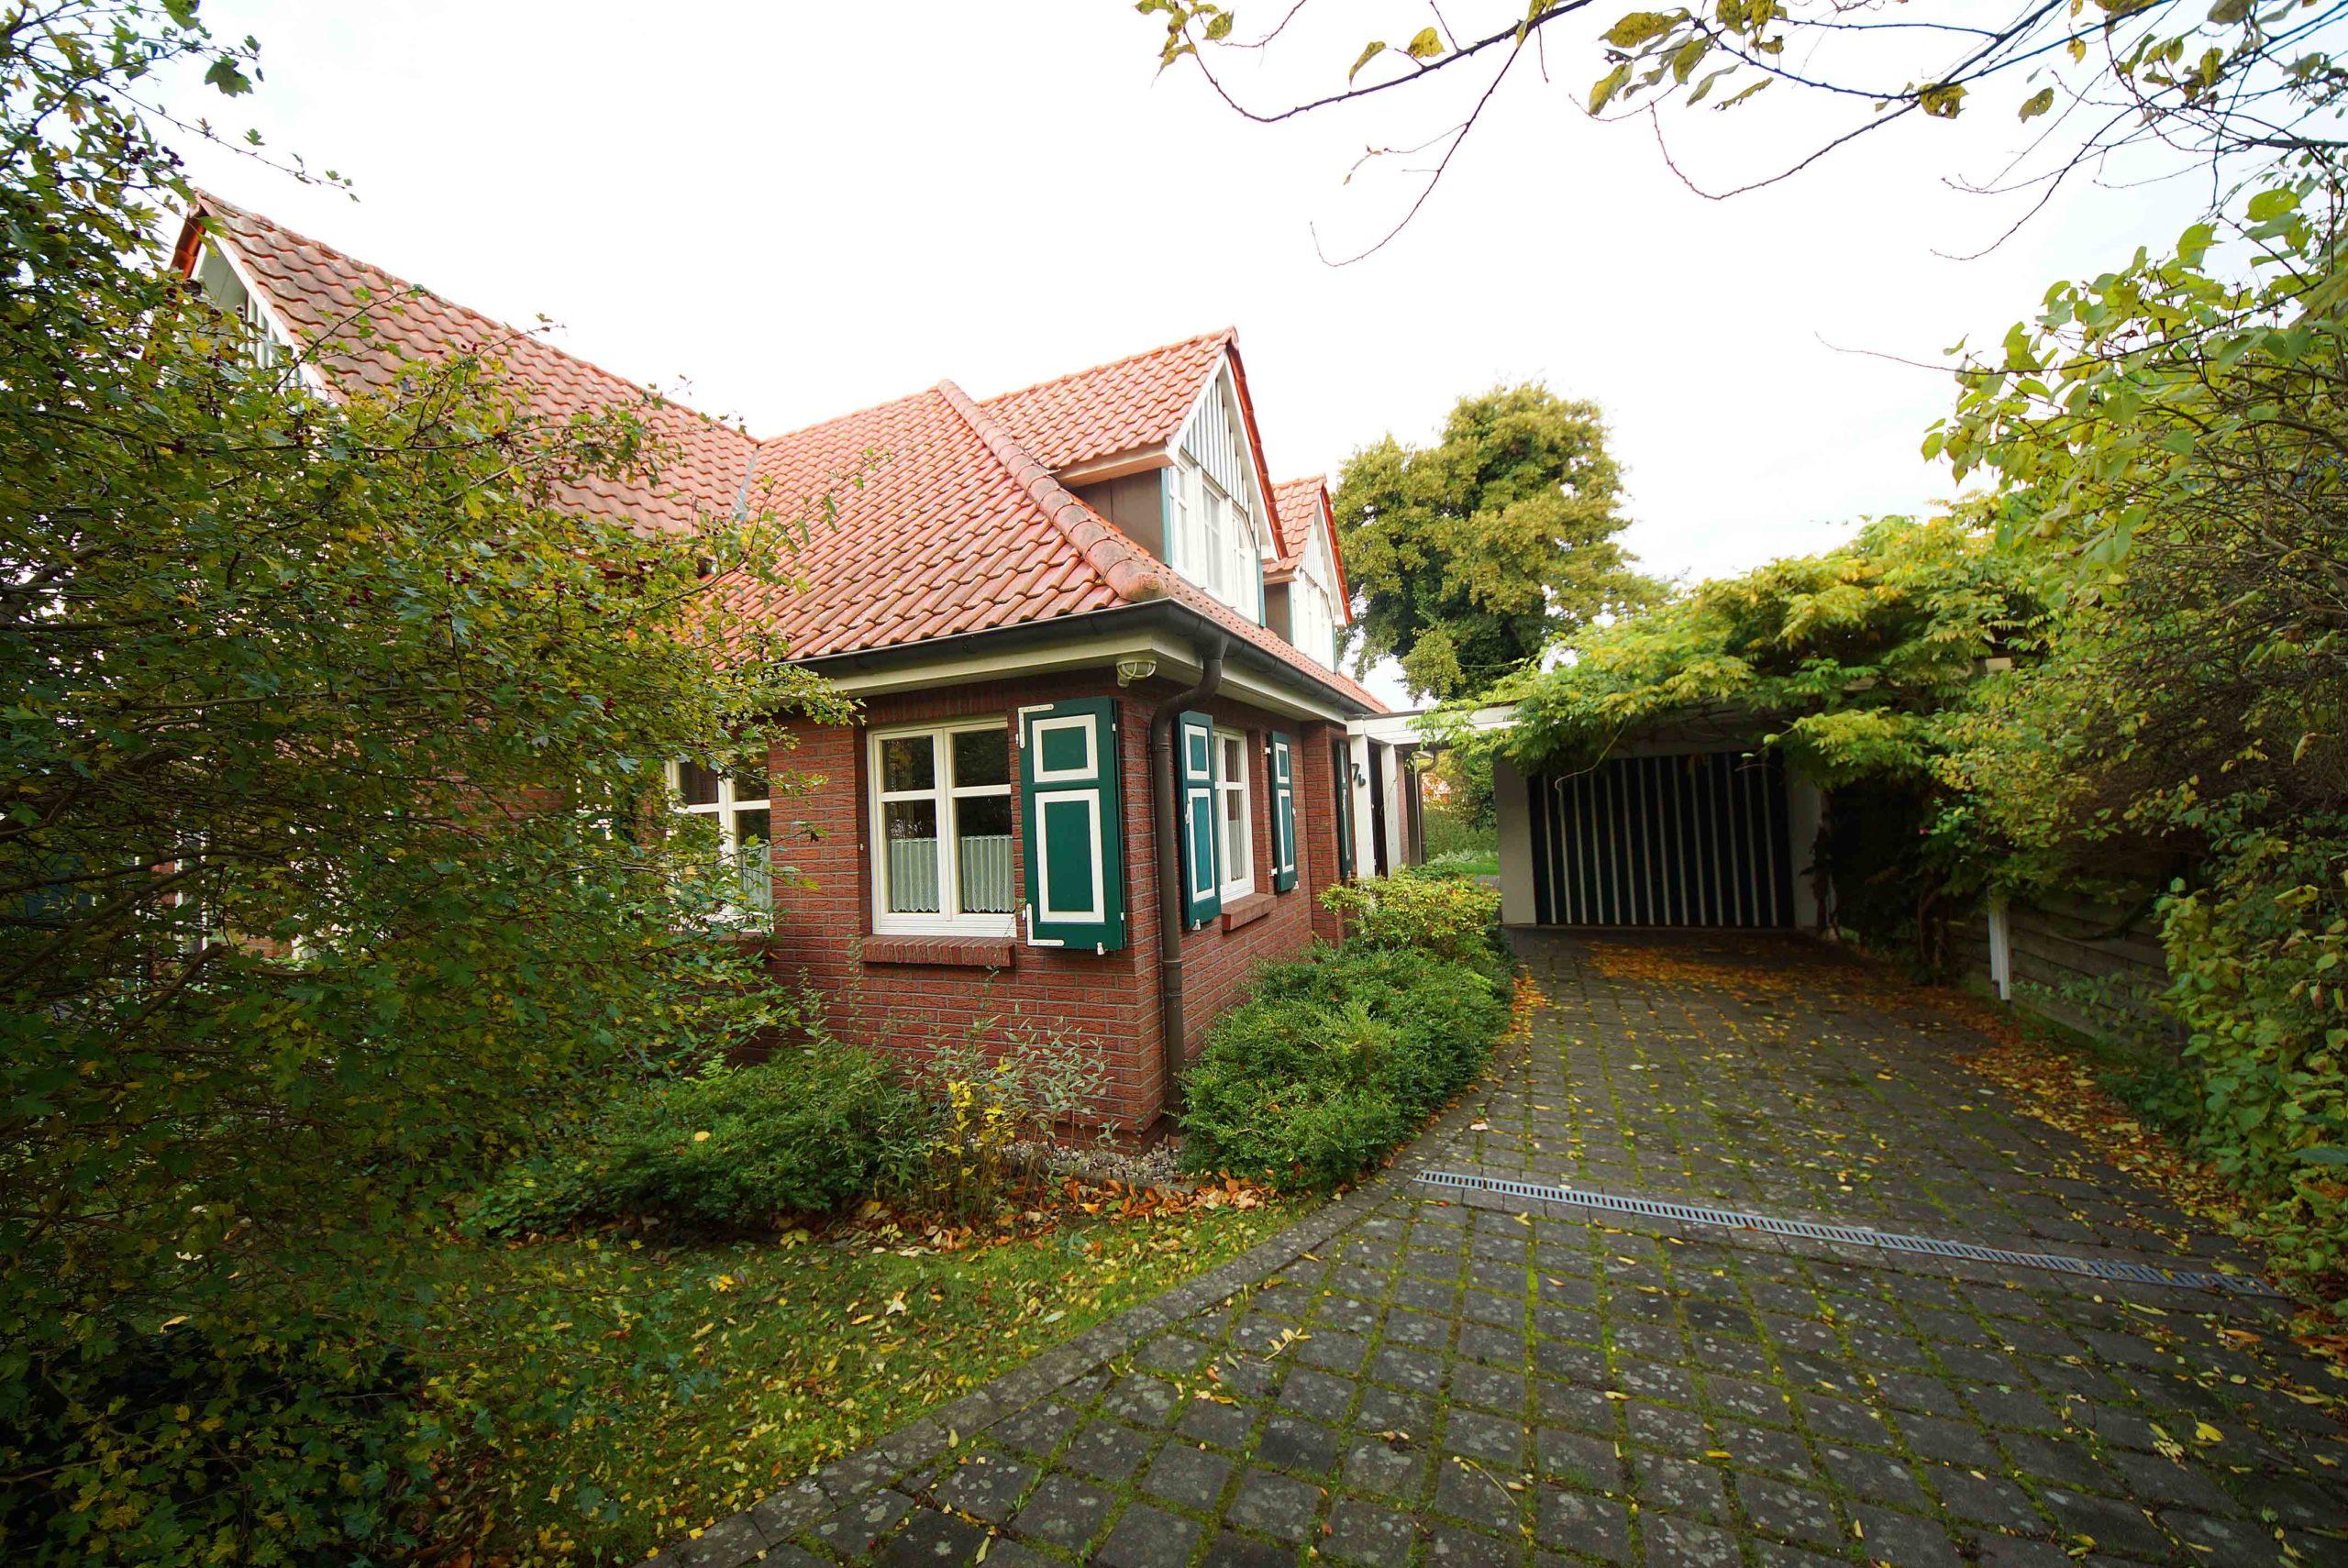 Ferienhaus Familienglück Grünestr. 7b 18375 Prerow